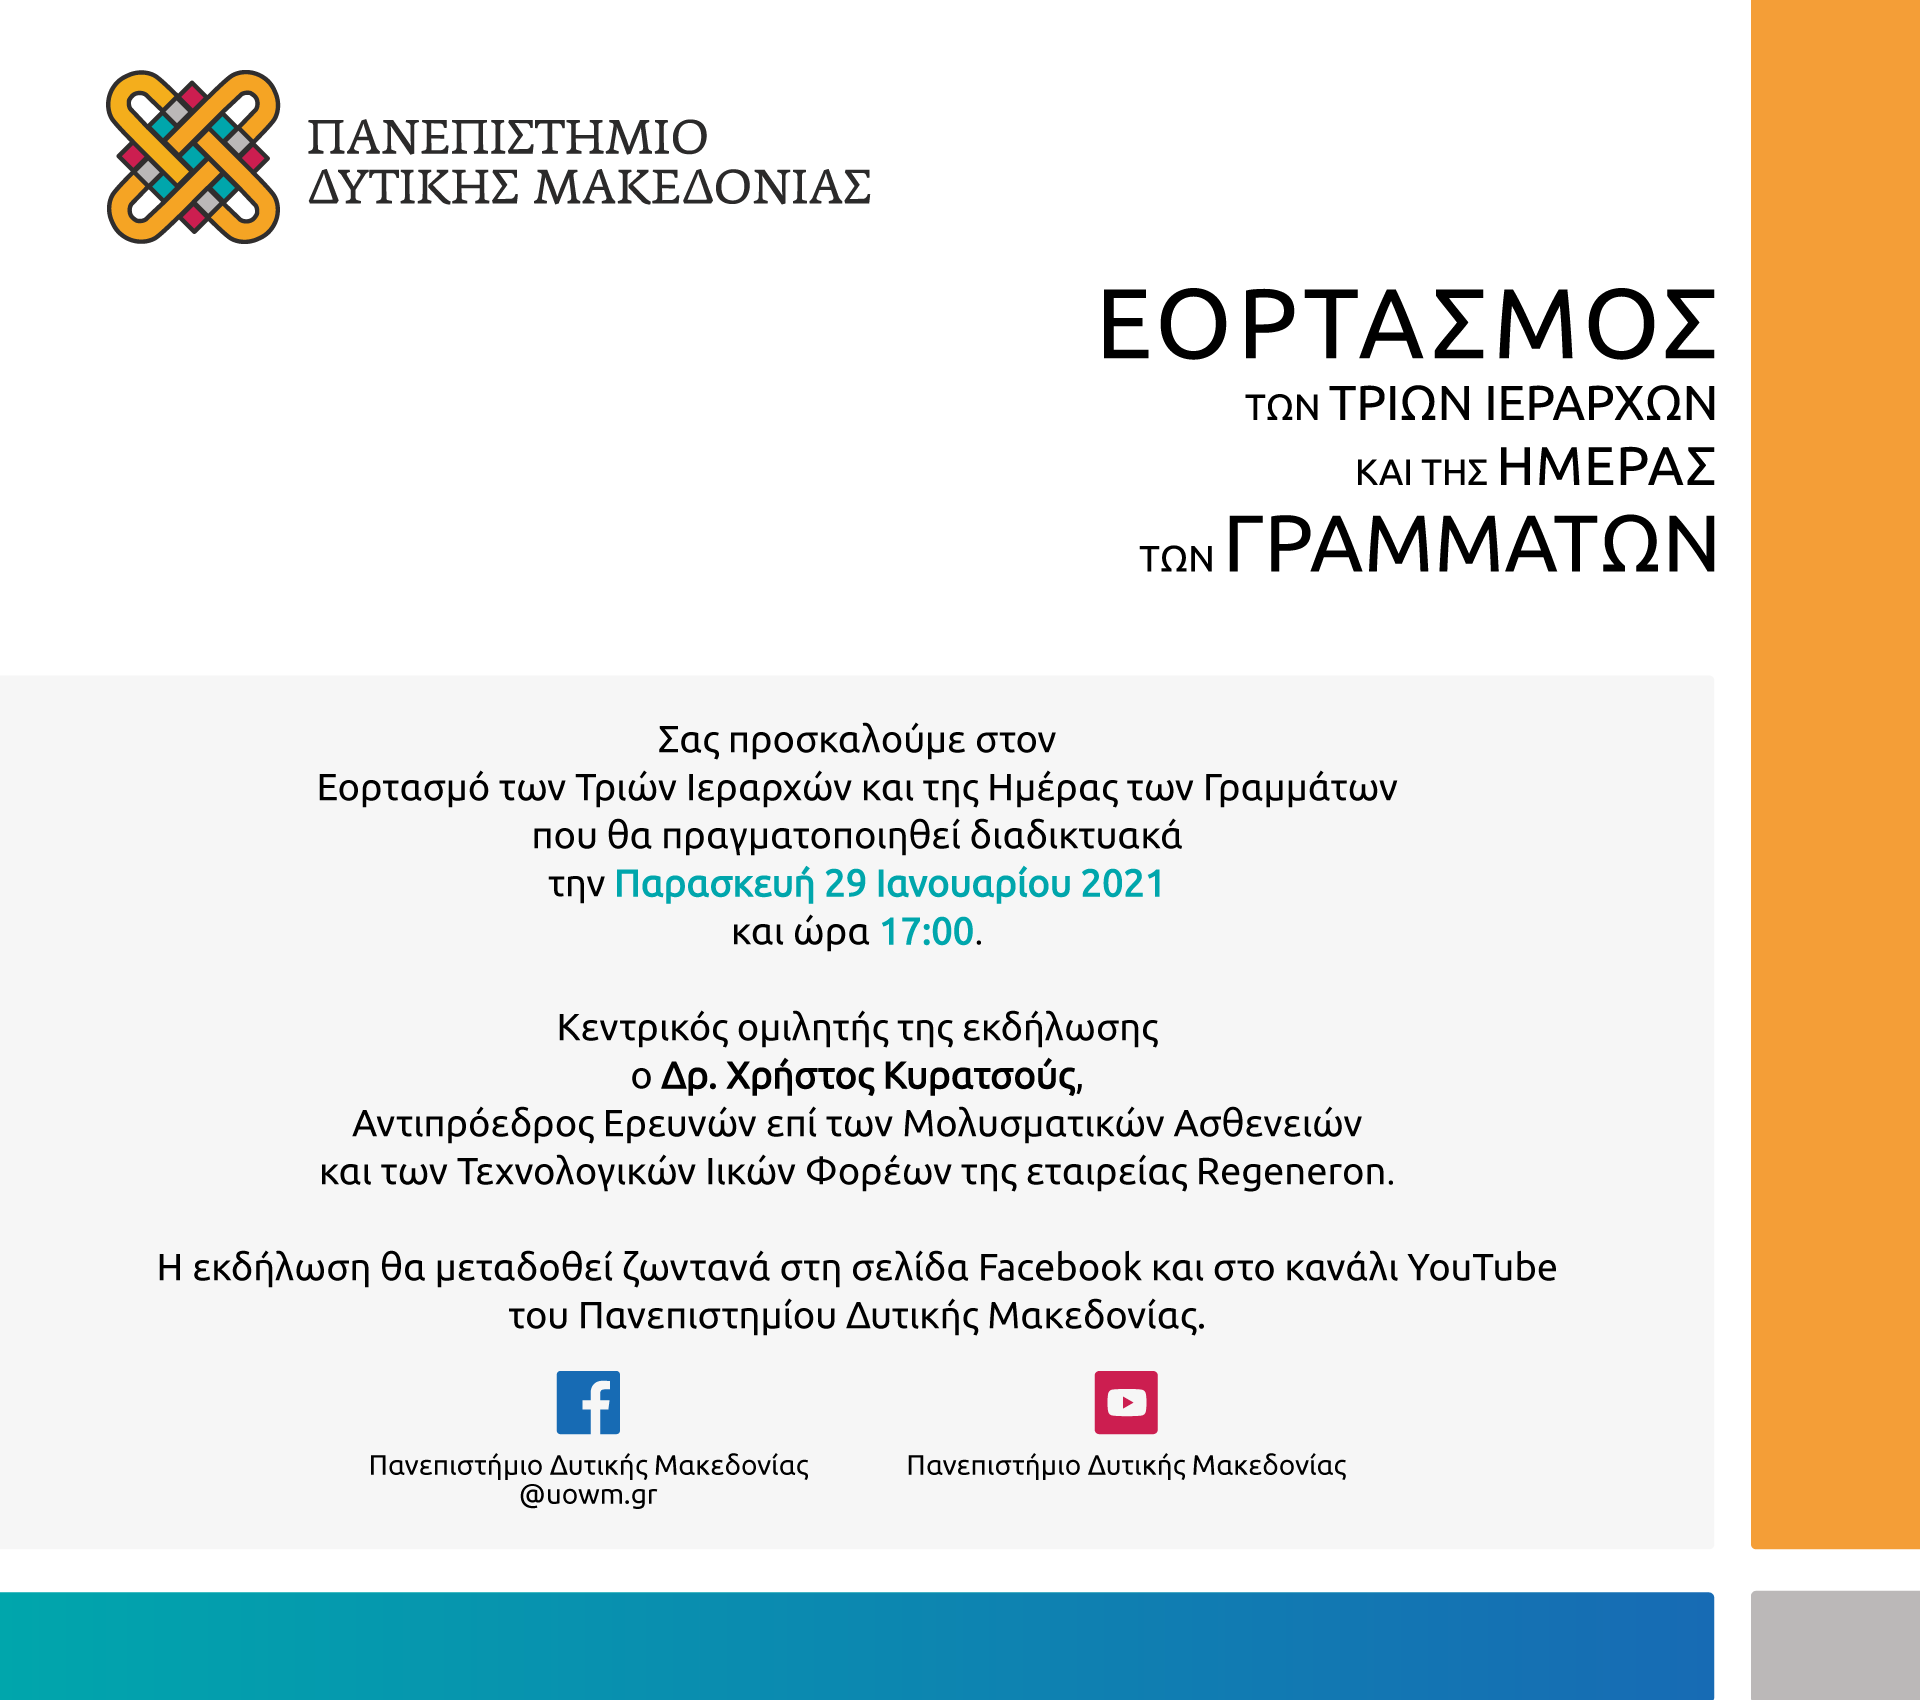 Πανεπιστήμιο Δυτικής Μακεδονίας- Επετειακός Εορτασμός Τριών Ιεραρχών και Ημέρας των Γραμμάτων